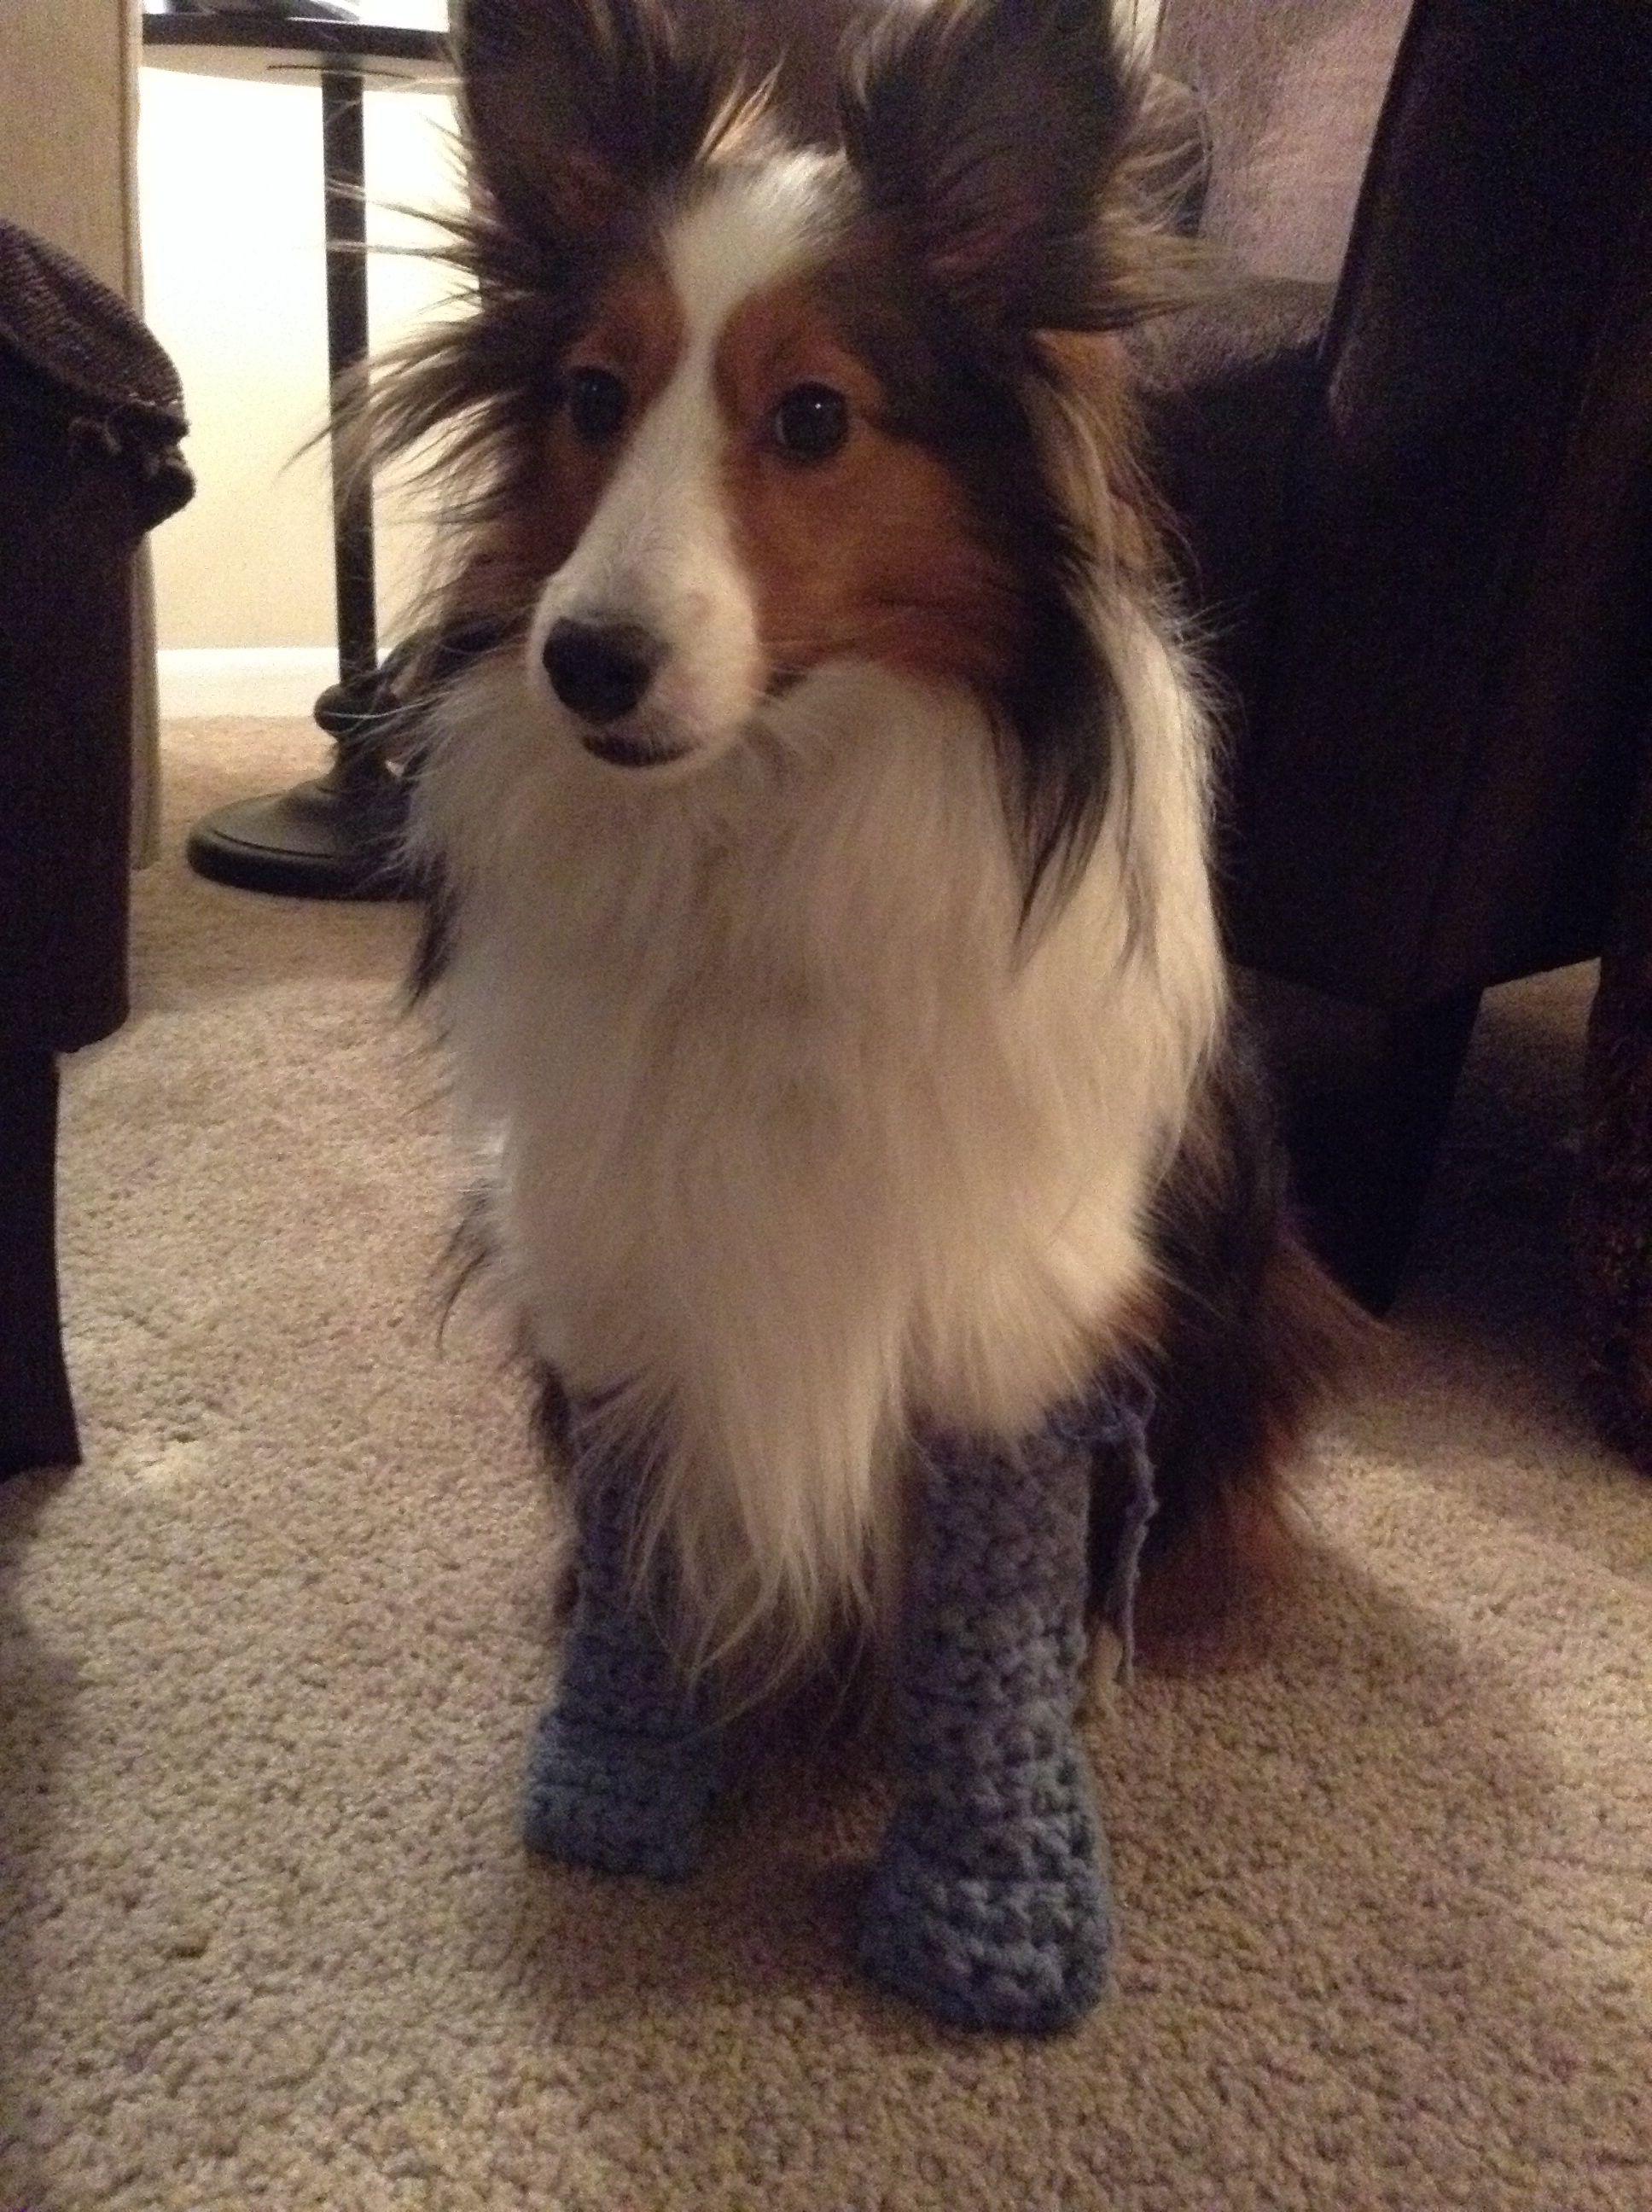 Crochet dog booties | Crochet ideas | Pinterest | Hundebekleidung ...